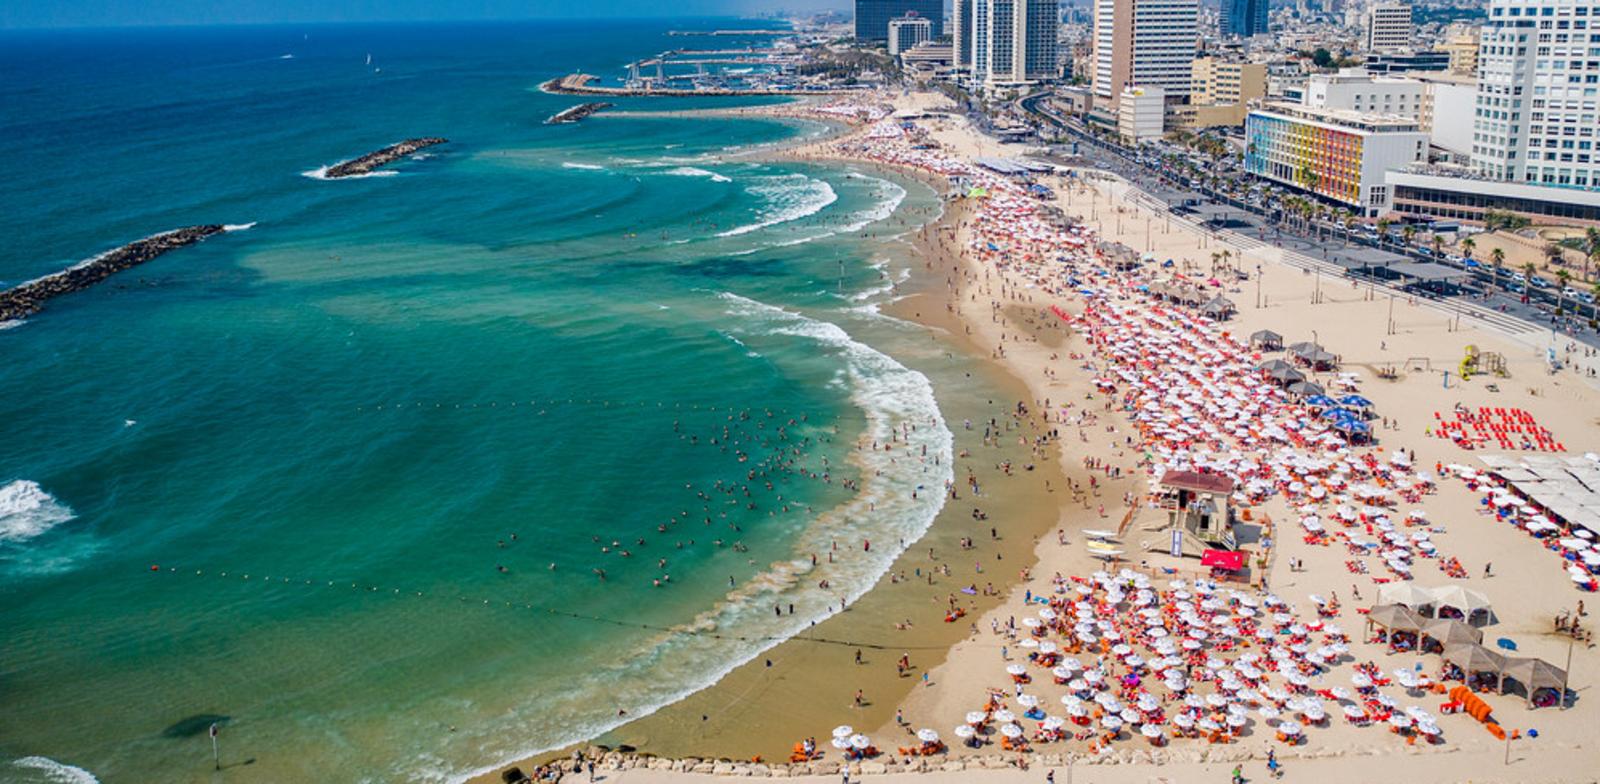 תל אביב משוועת לתיירים הישראלים / צילום: ברק ברינקר